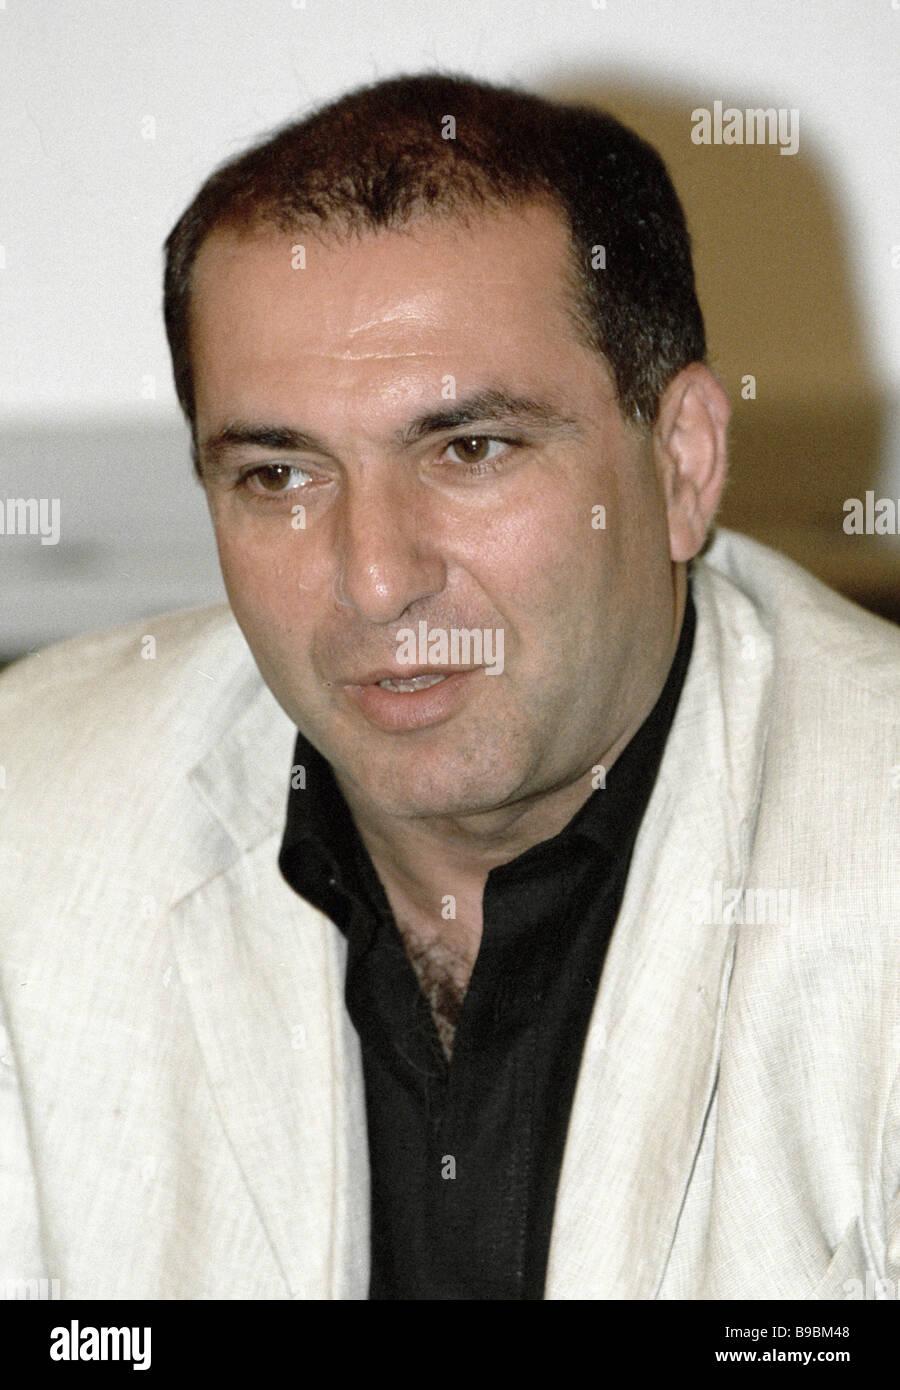 Jefe de la asociación de bancos rusos Garegin Tosunyan en la conferencia de prensa Imagen De Stock